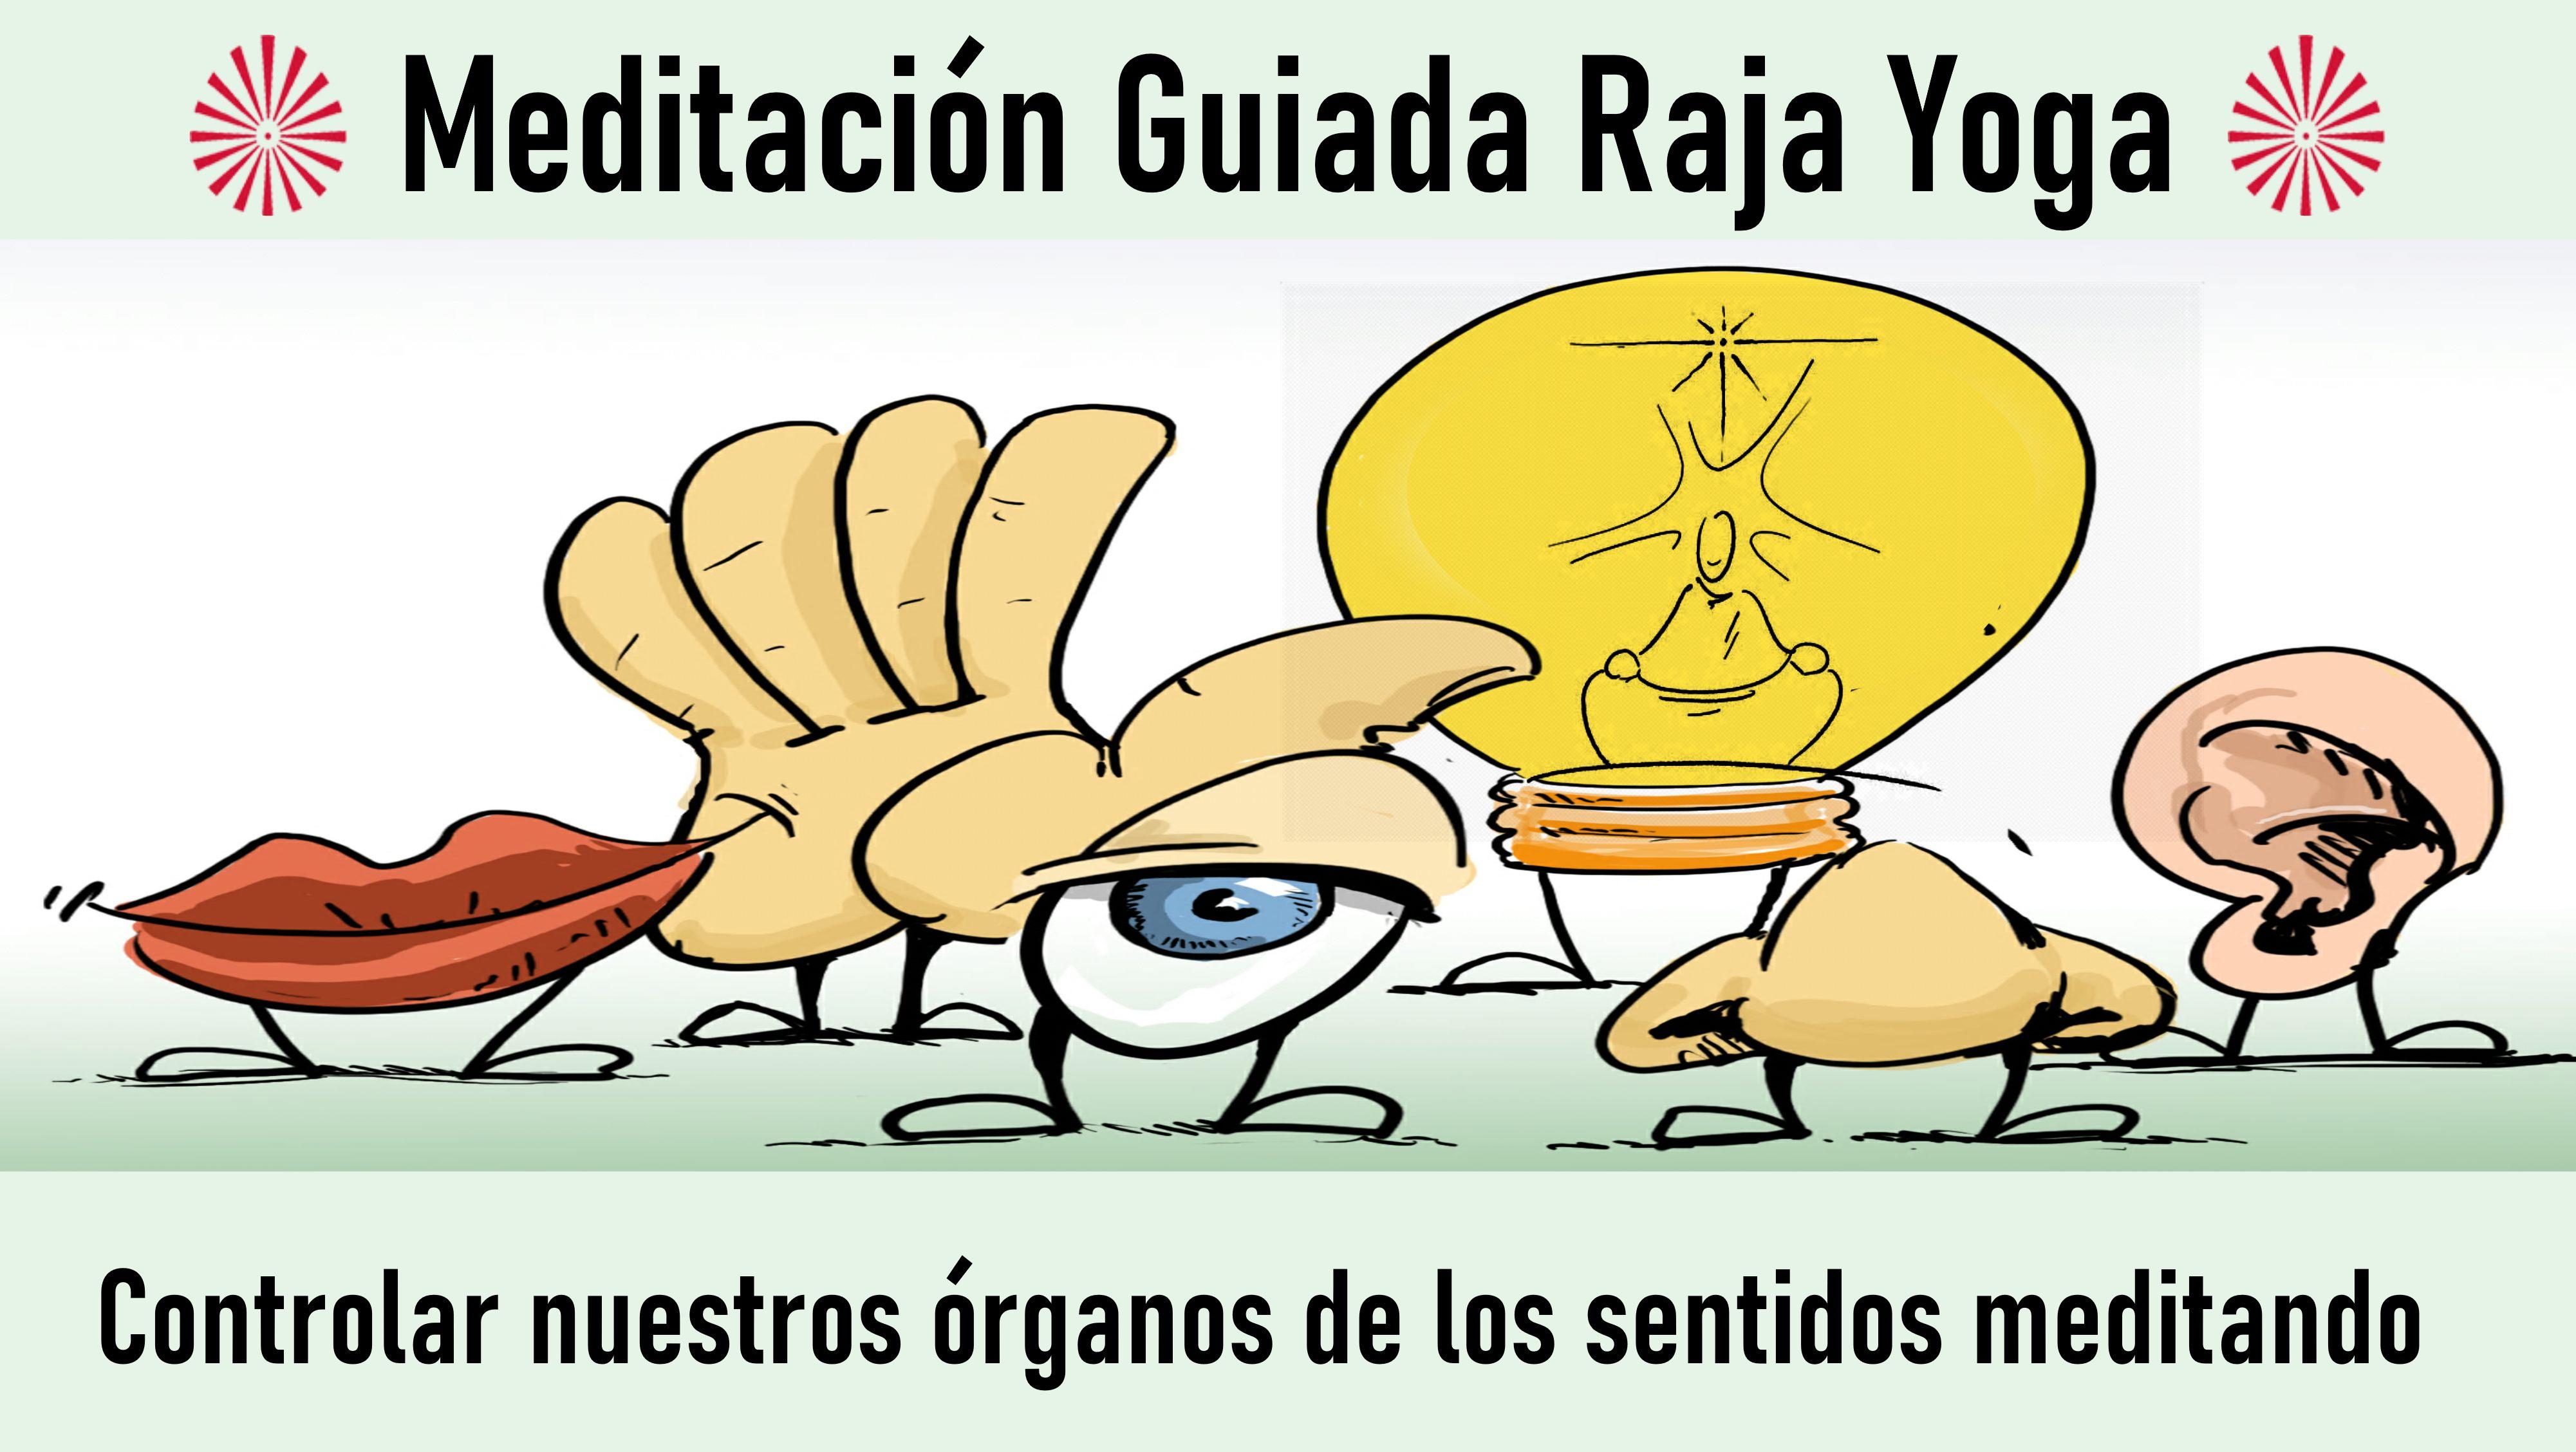 Meditación Raja Yoga: Controlar nuestros órganos de los sentidos meditando (28 Octubre 2020) On-line desde Sevilla